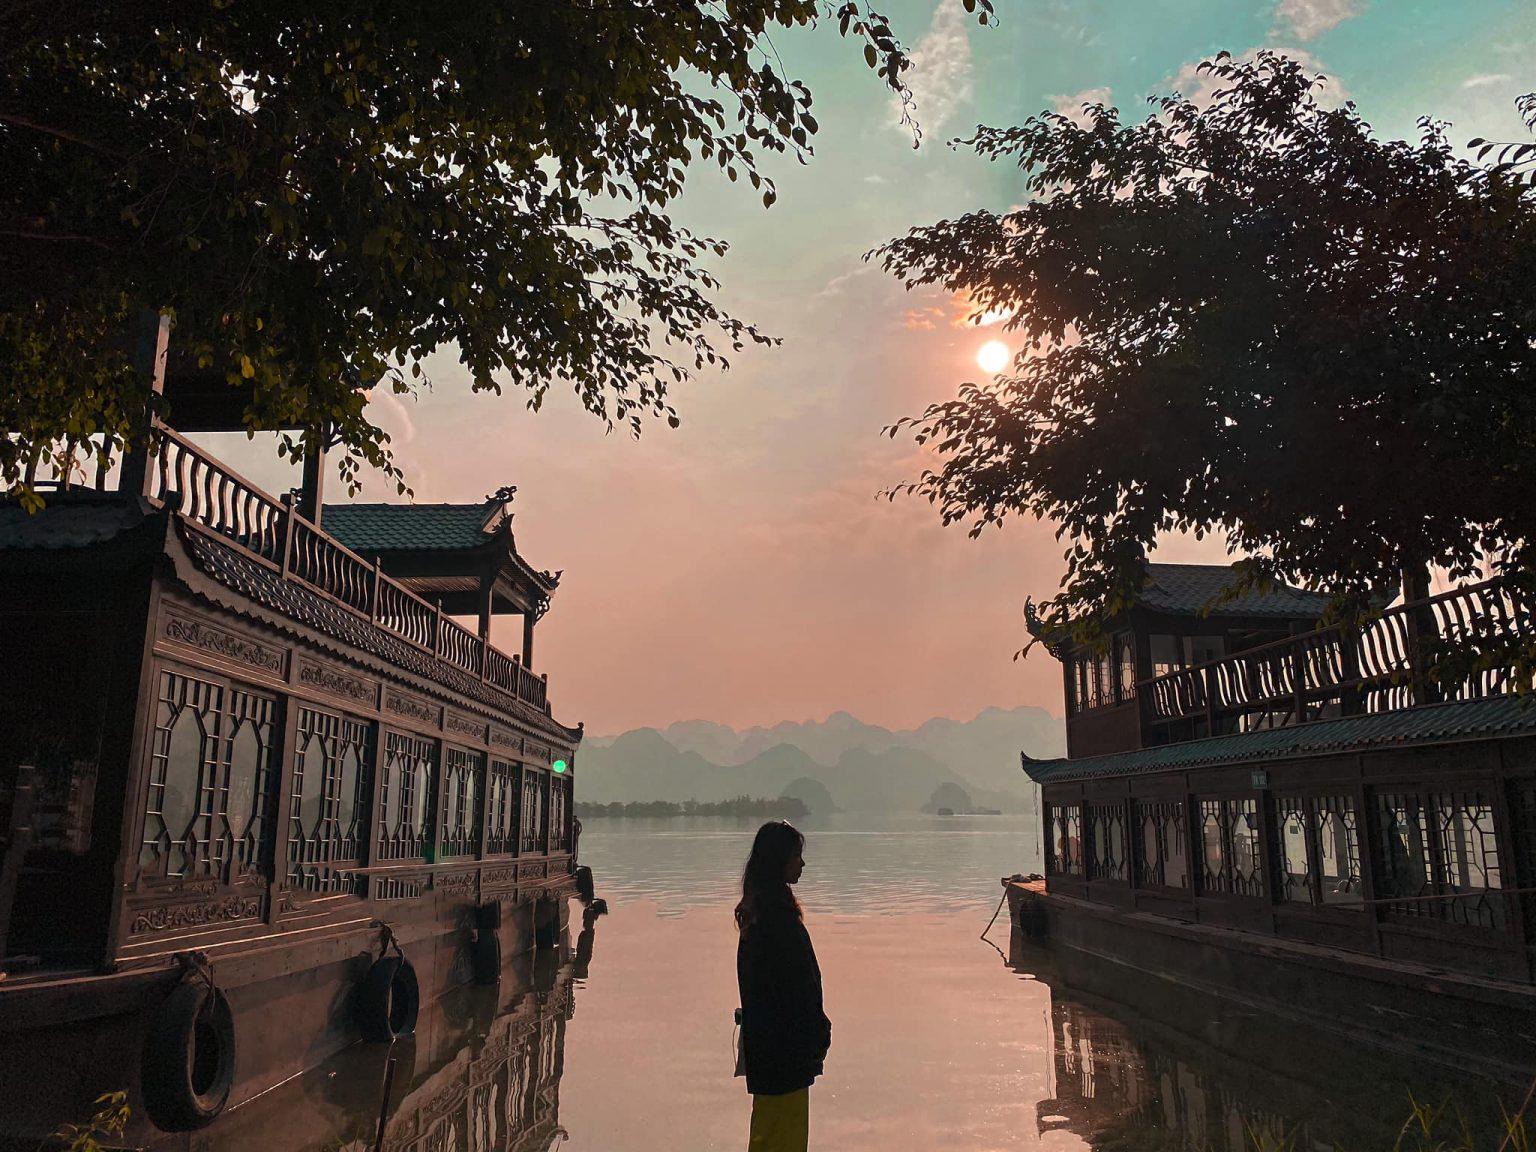 Kinh nghiệm đi chùa Tam Chúc vào ngày này, giờ này để không bị đông nghẹt người mà lại ngắm được cảnh đẹp - Ảnh 3.